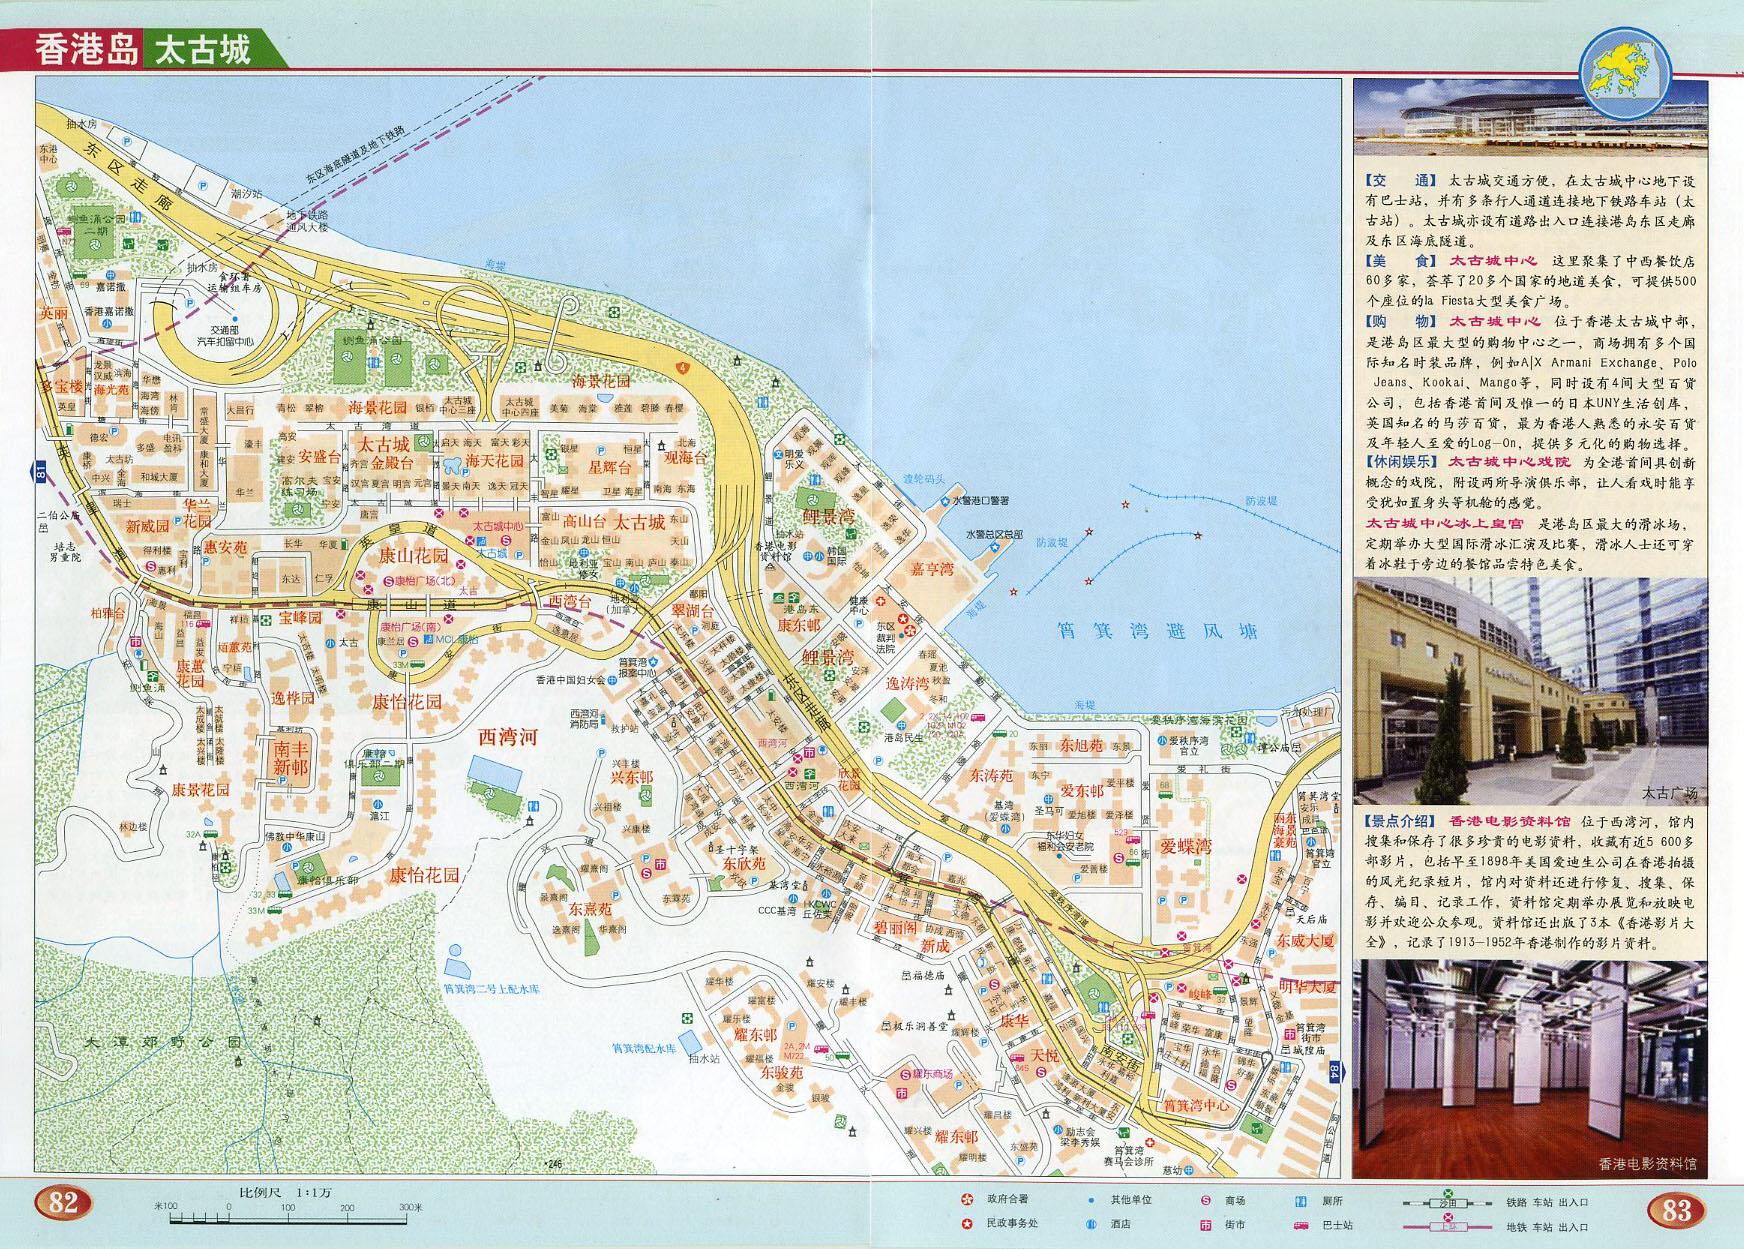 香港岛 太古城地图高清版